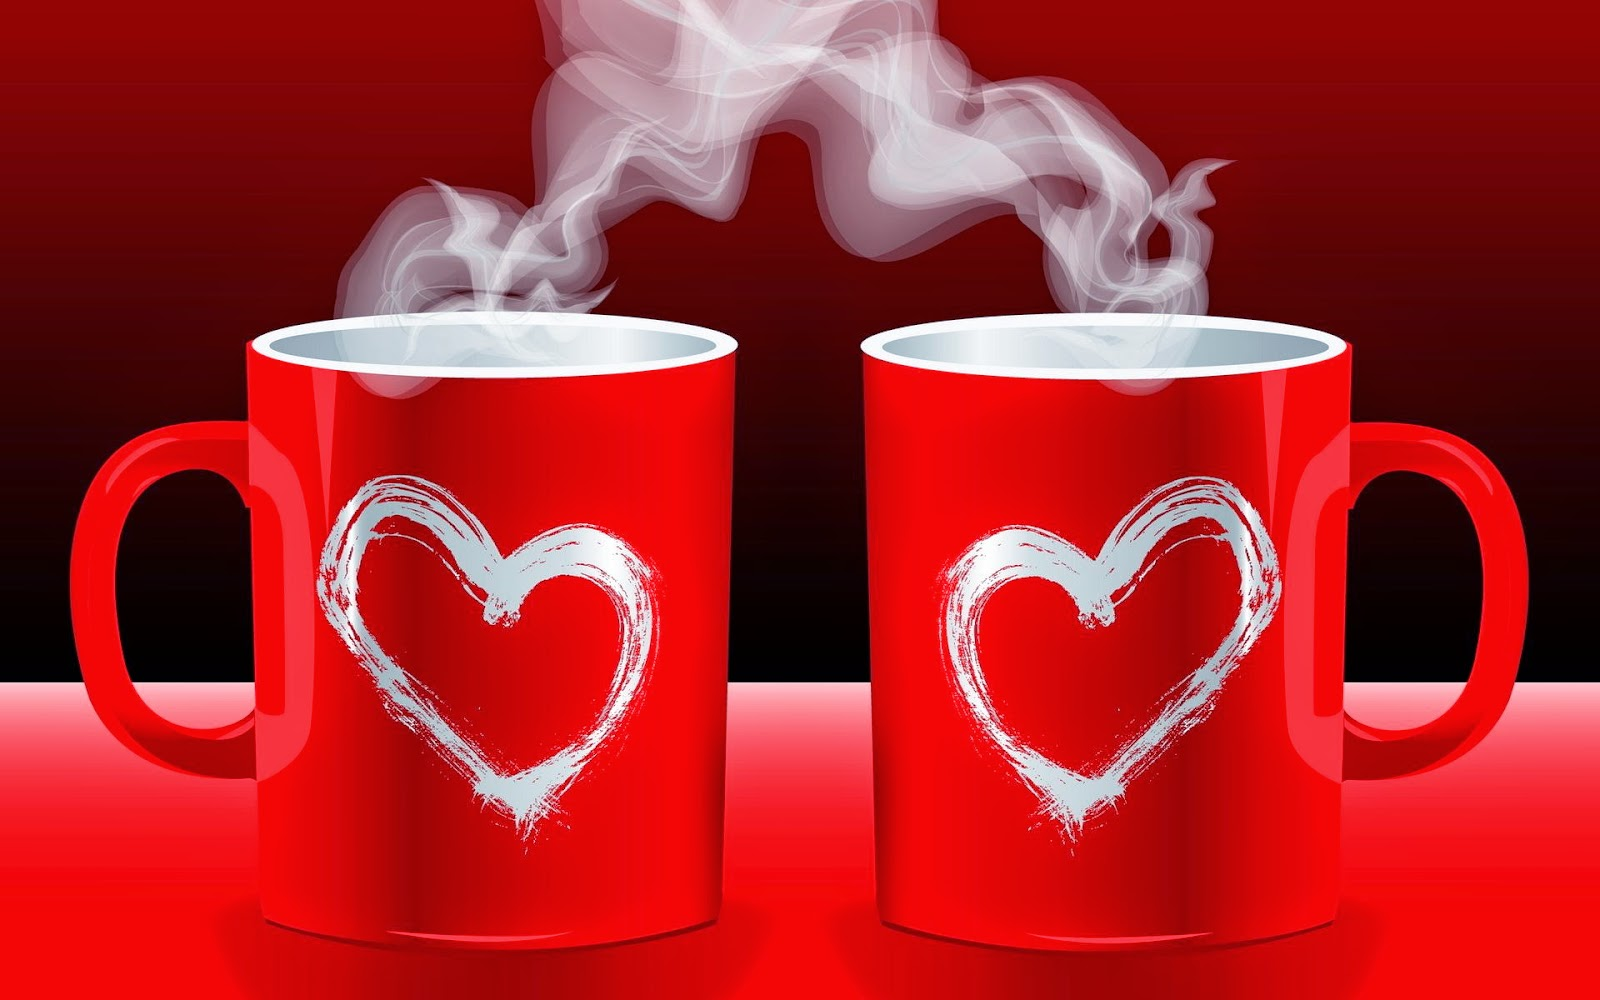 صور قلوب حب باليد صور رومنسية